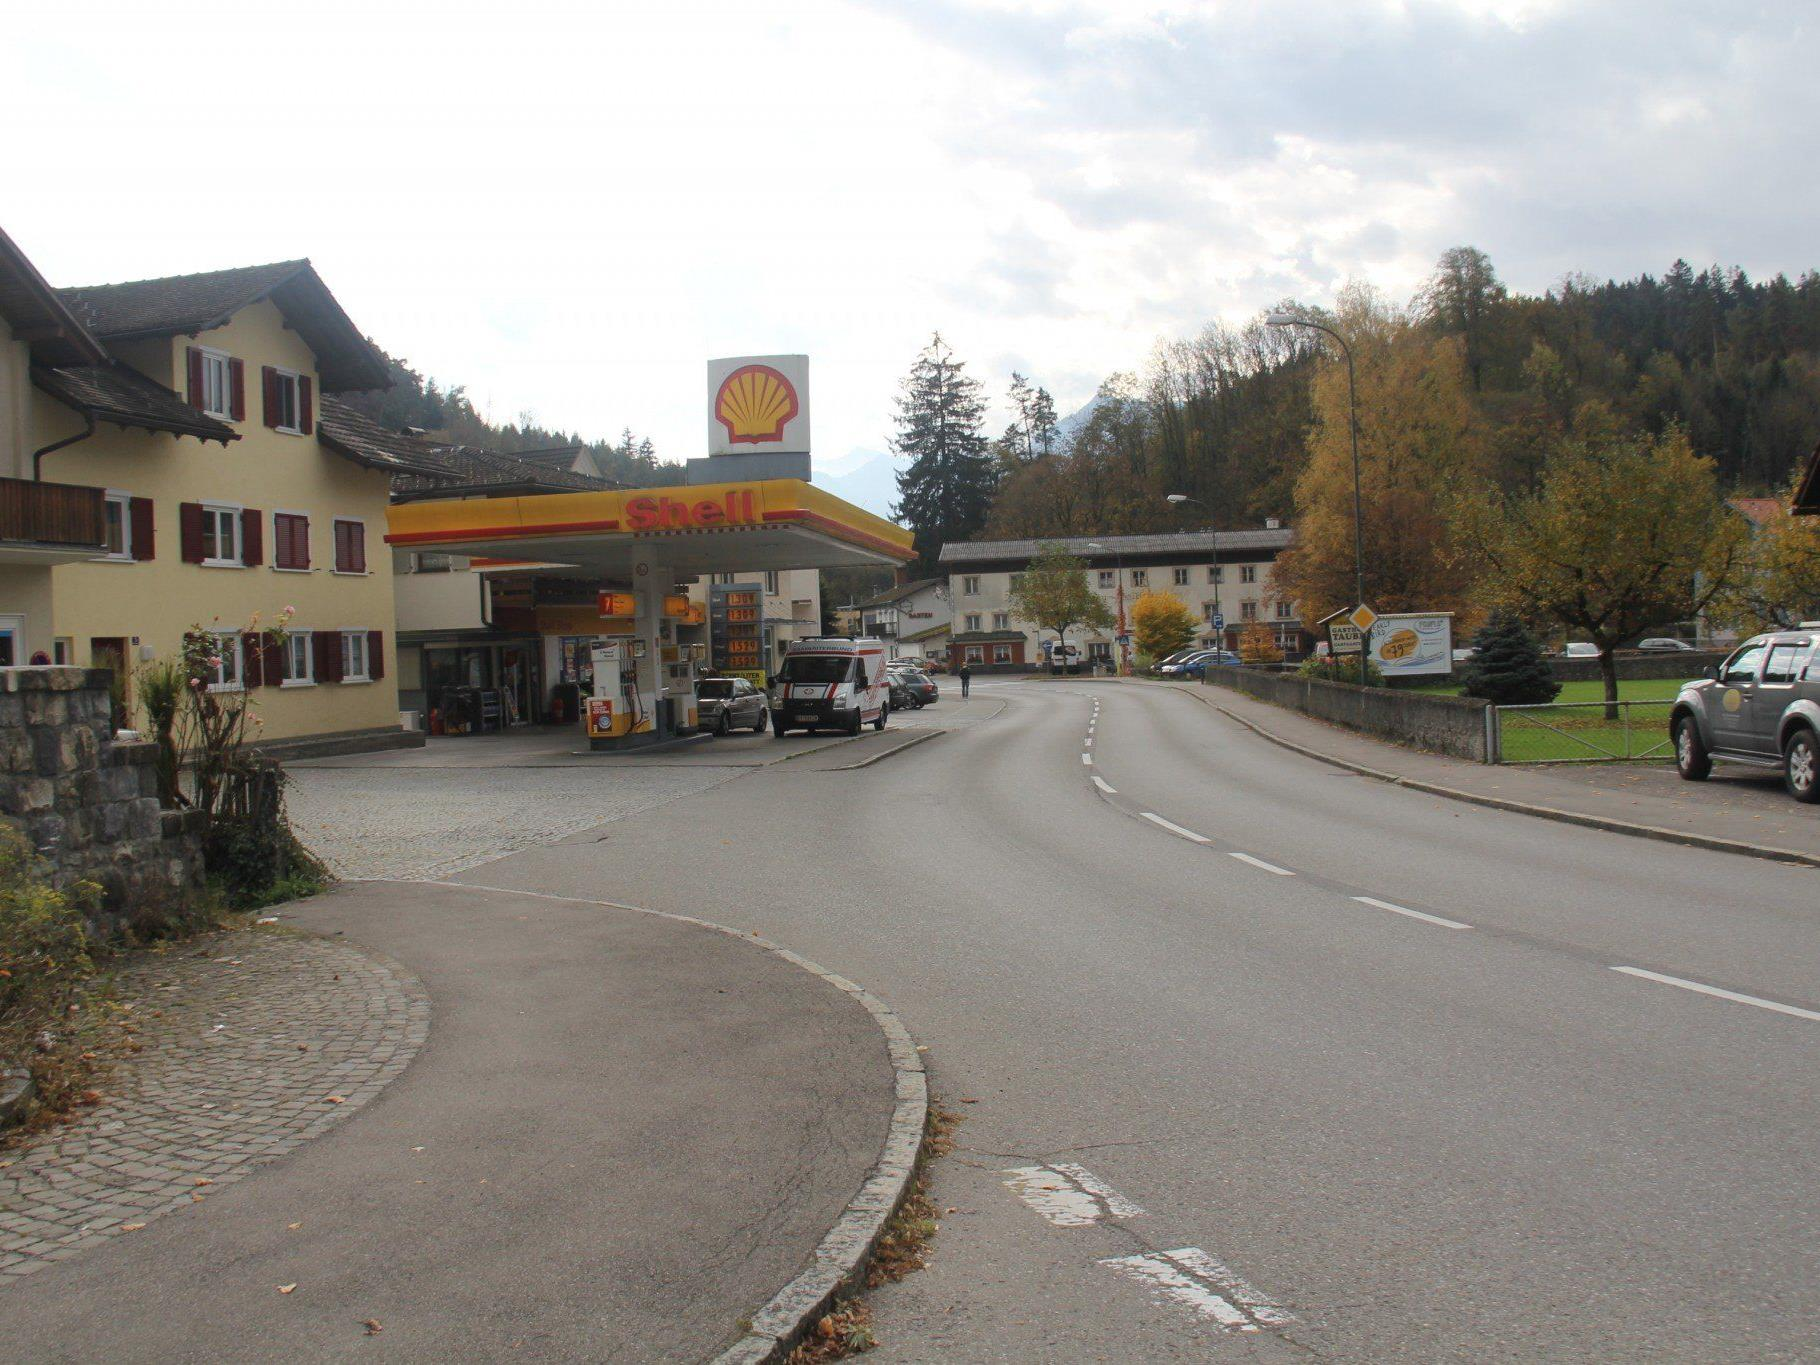 VOL.AT stellt die Straßen in Vorarlberg in einer großen Serie vor.